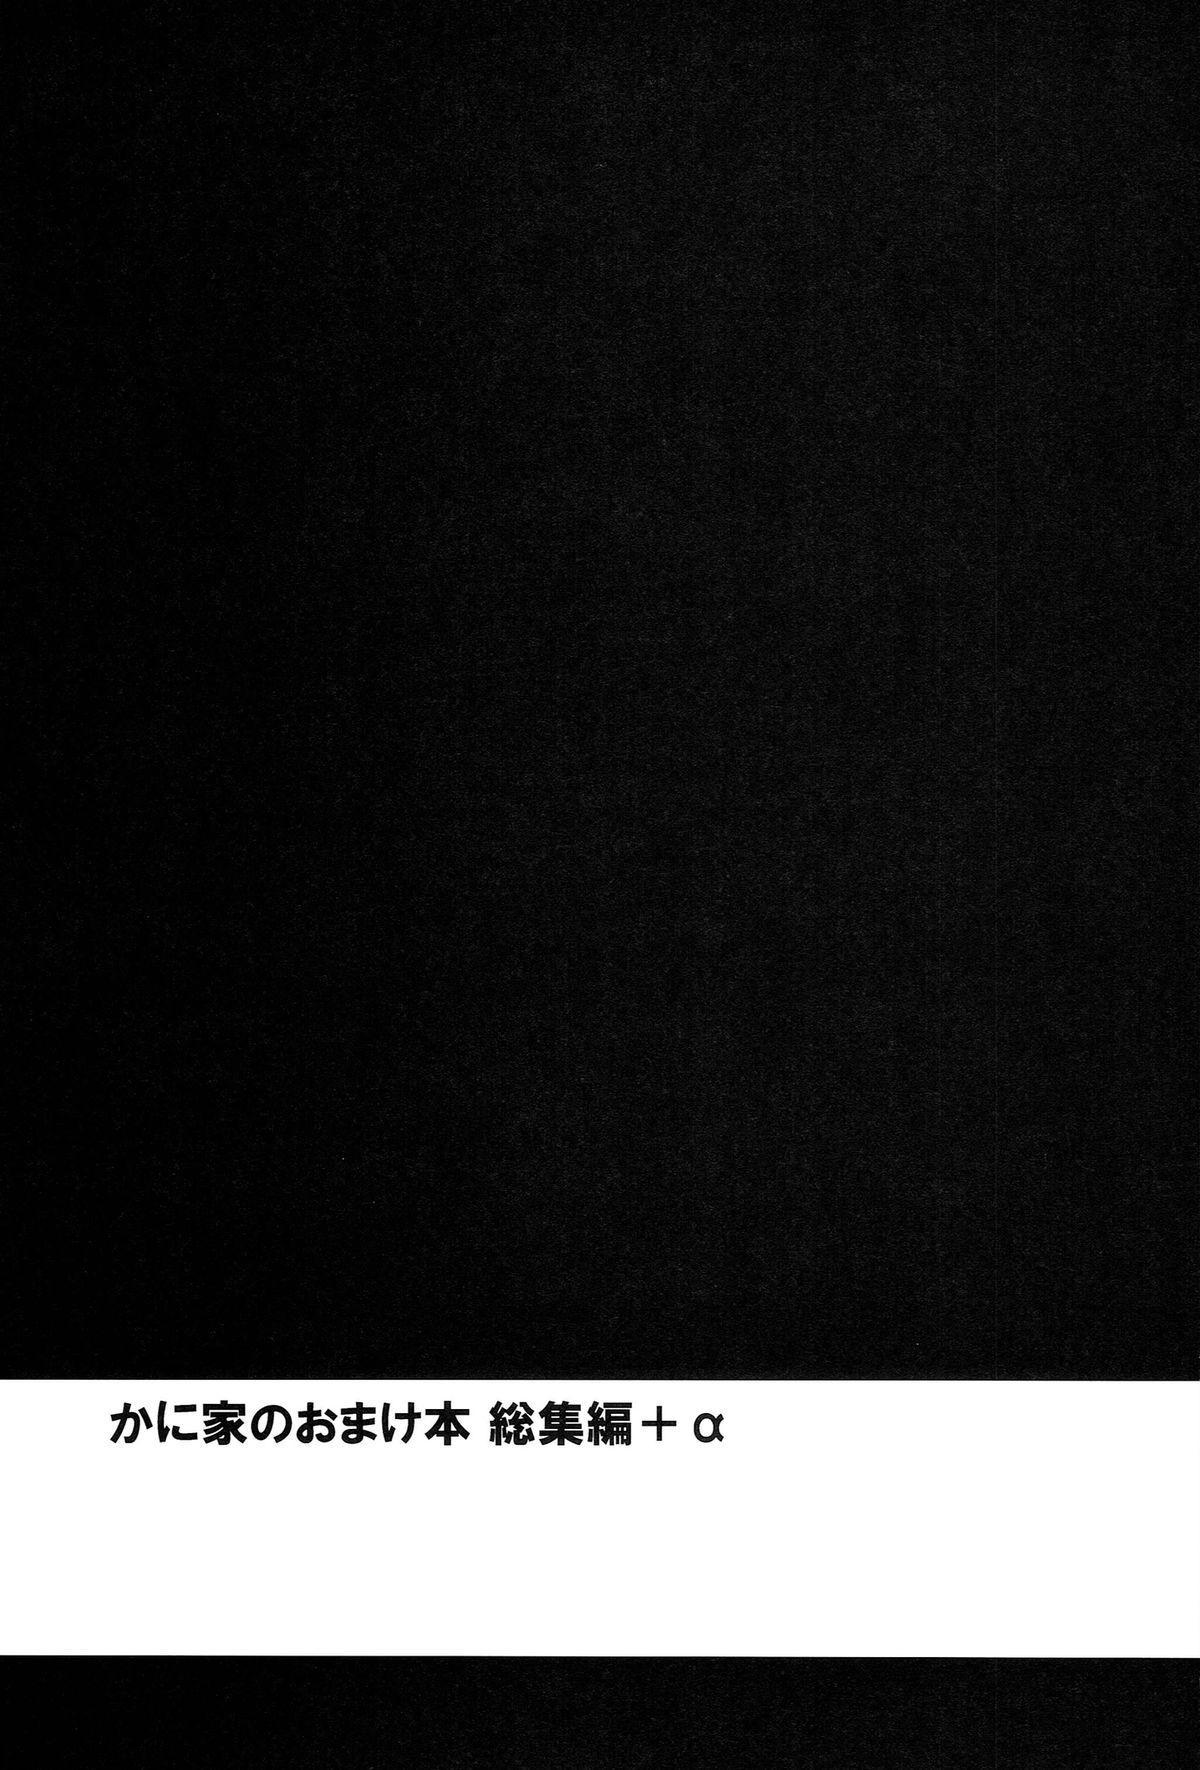 Kaniya no Omake bon Soushuuhen+α 2